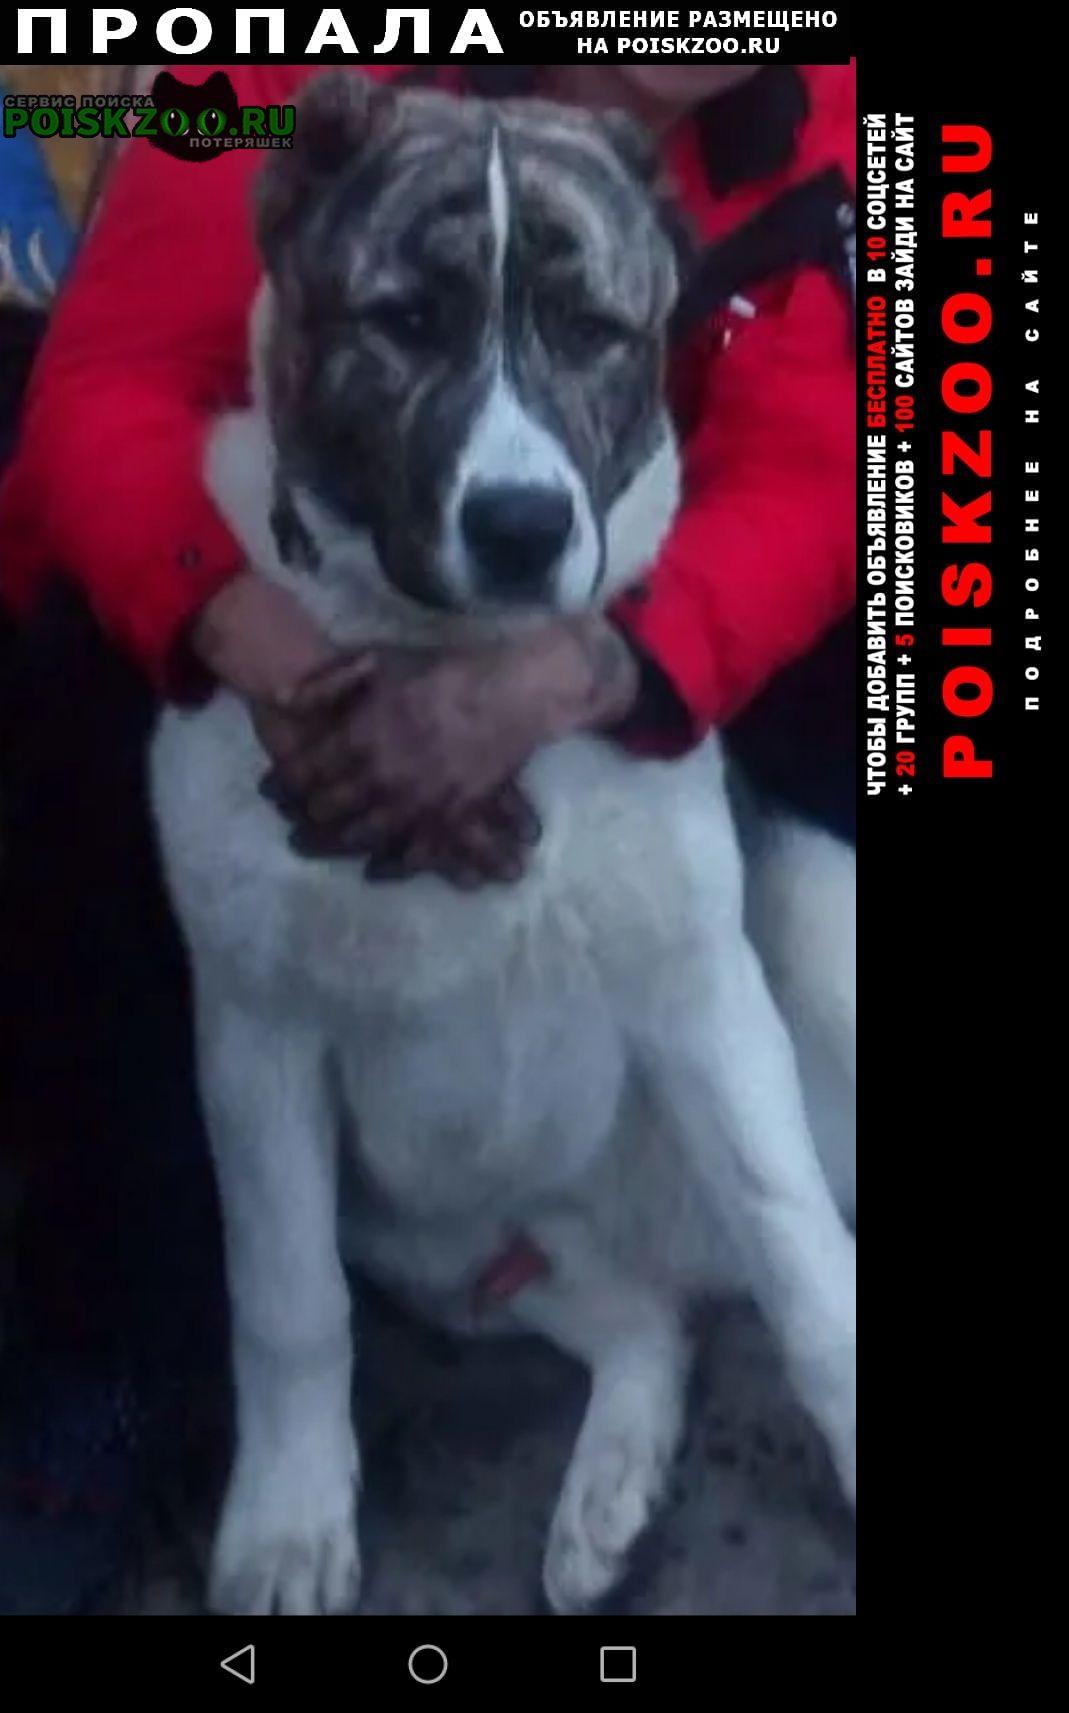 Новосибирск Пропала собака кобель алабай. кличка алан, 2 года